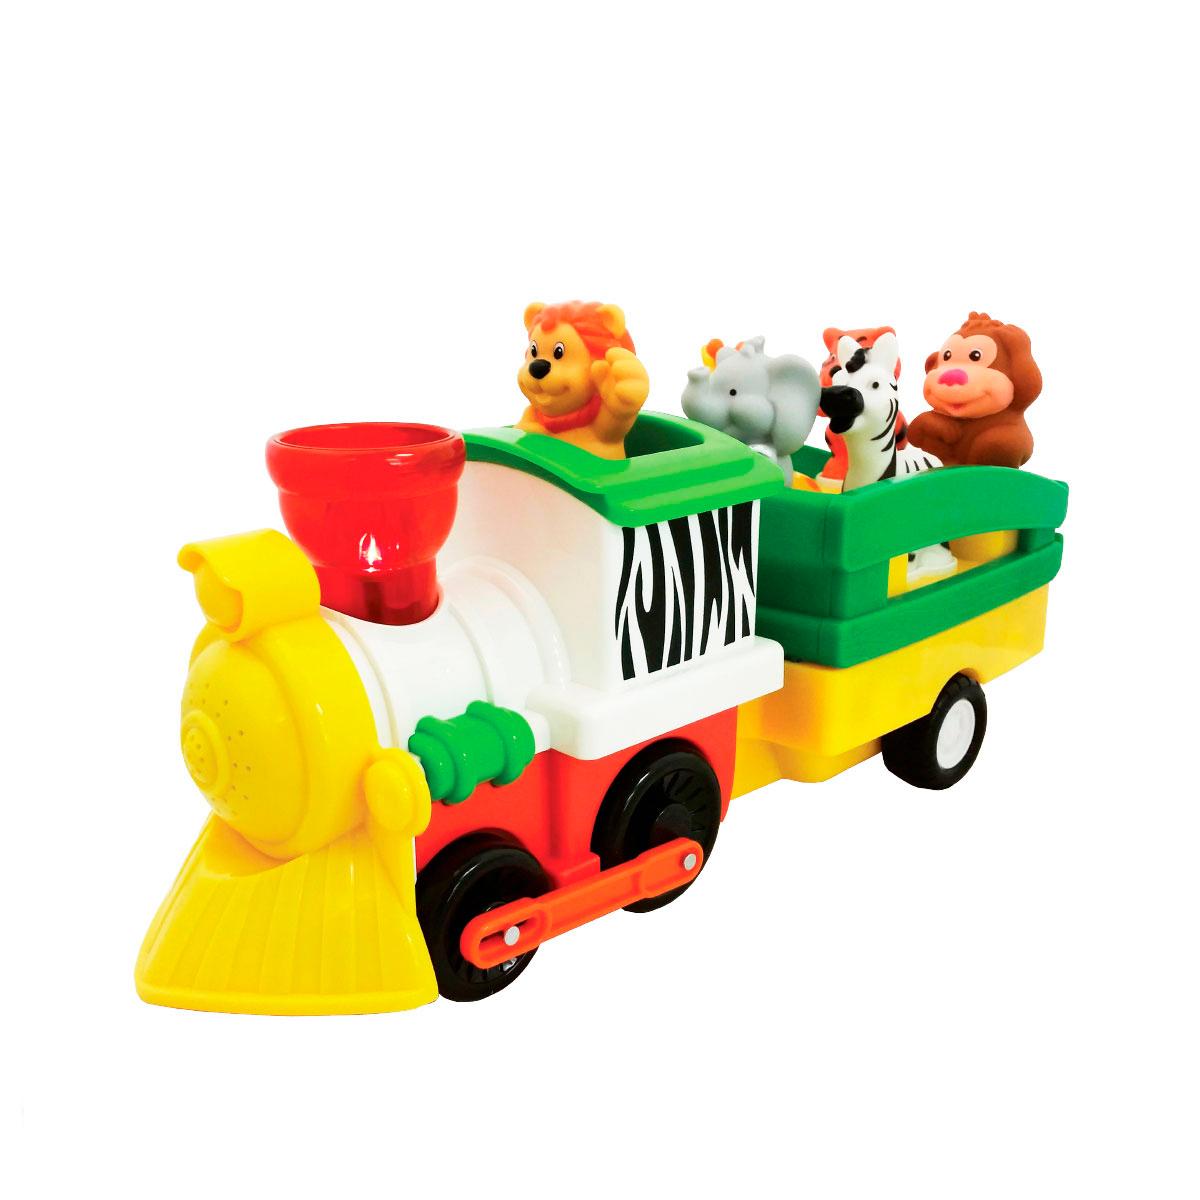 Игрушки для детей возрастом 0-2 года